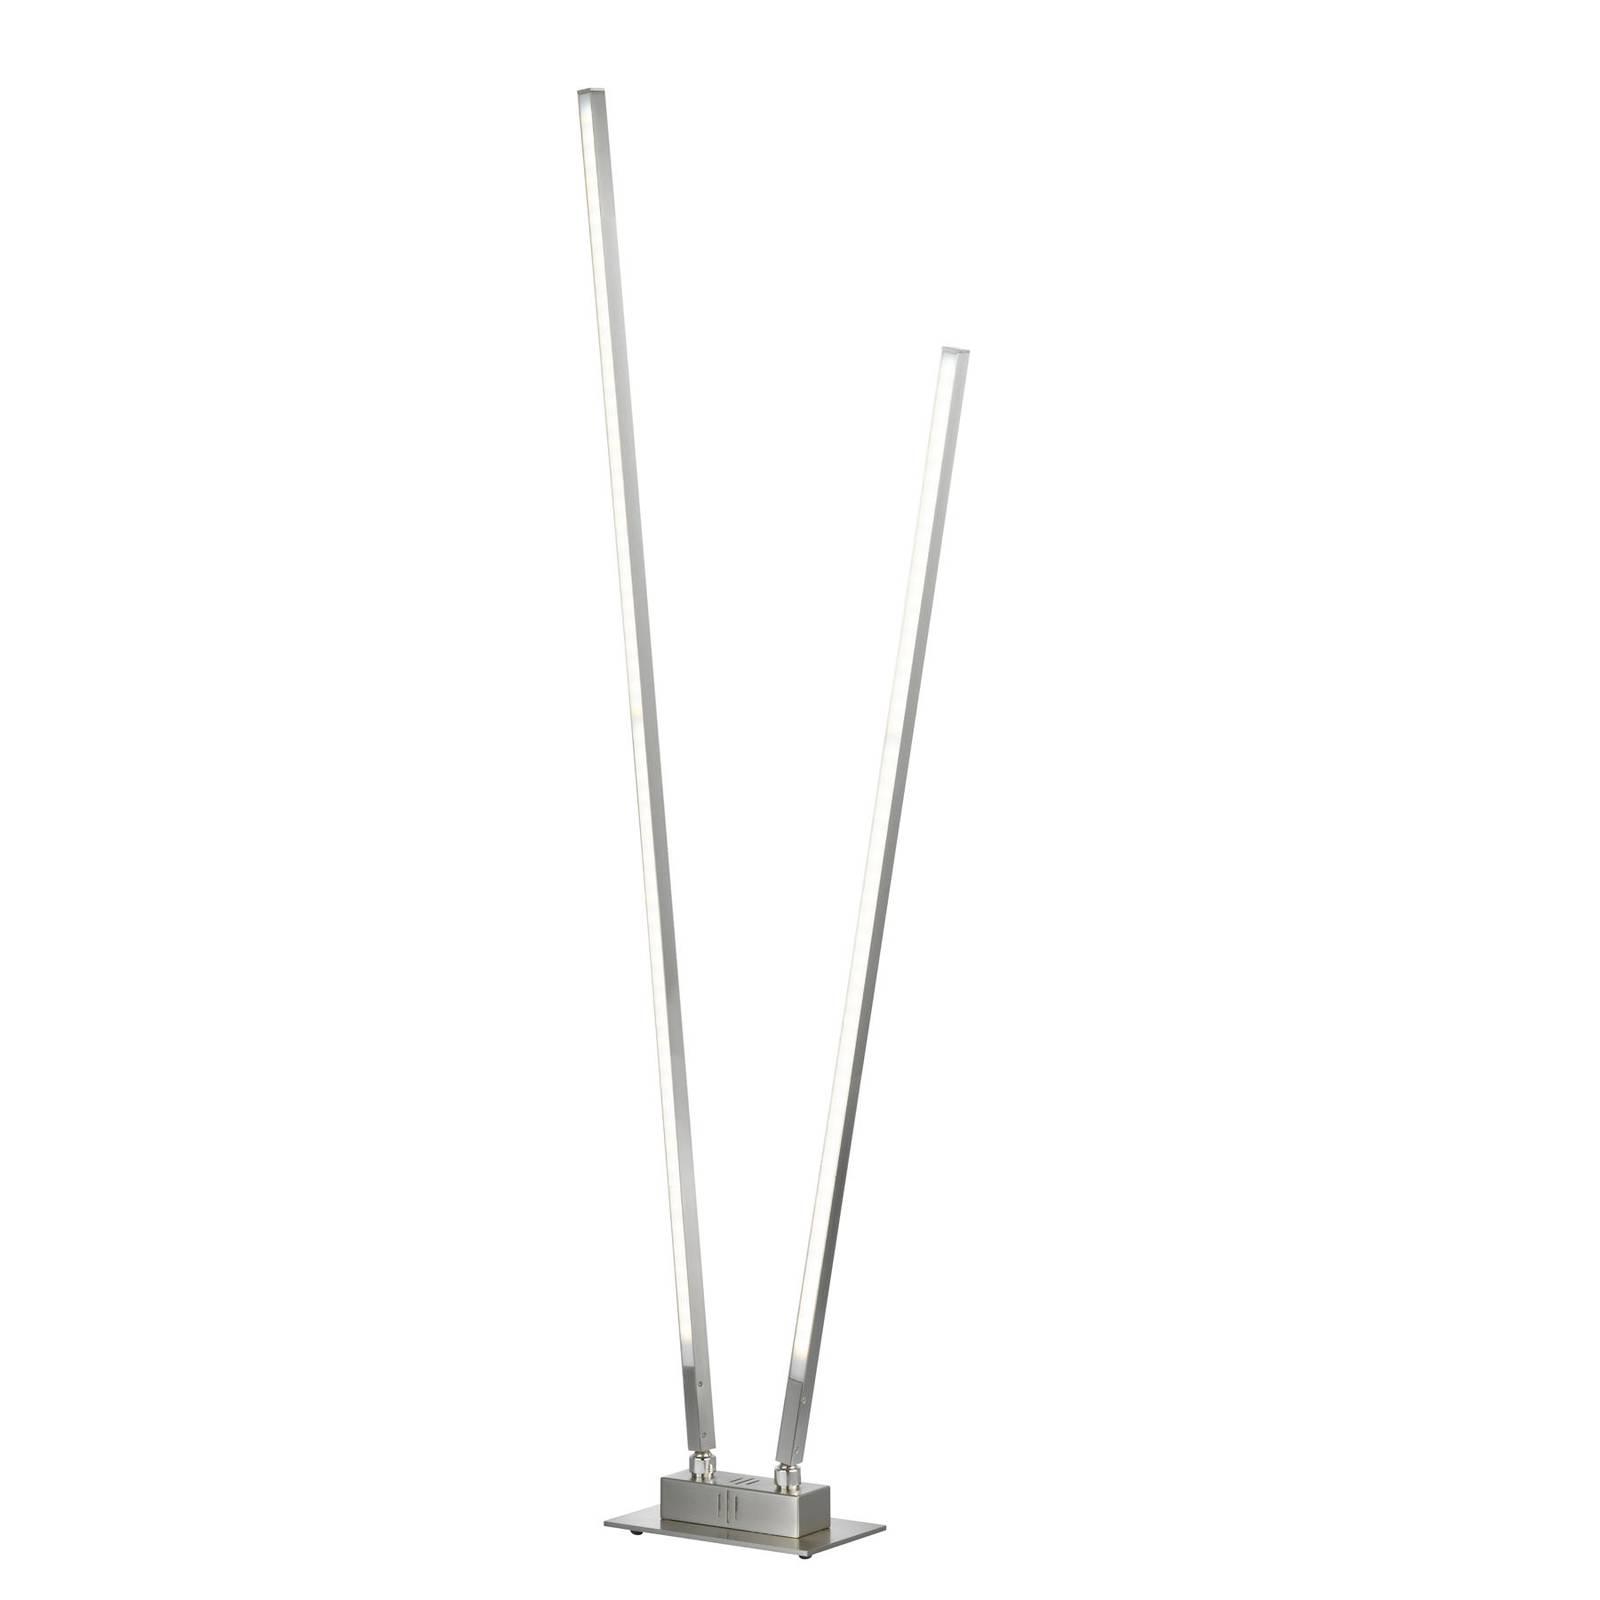 LED-lattiavalo Z-Carla 2-lamppuinen korkeus 144 cm